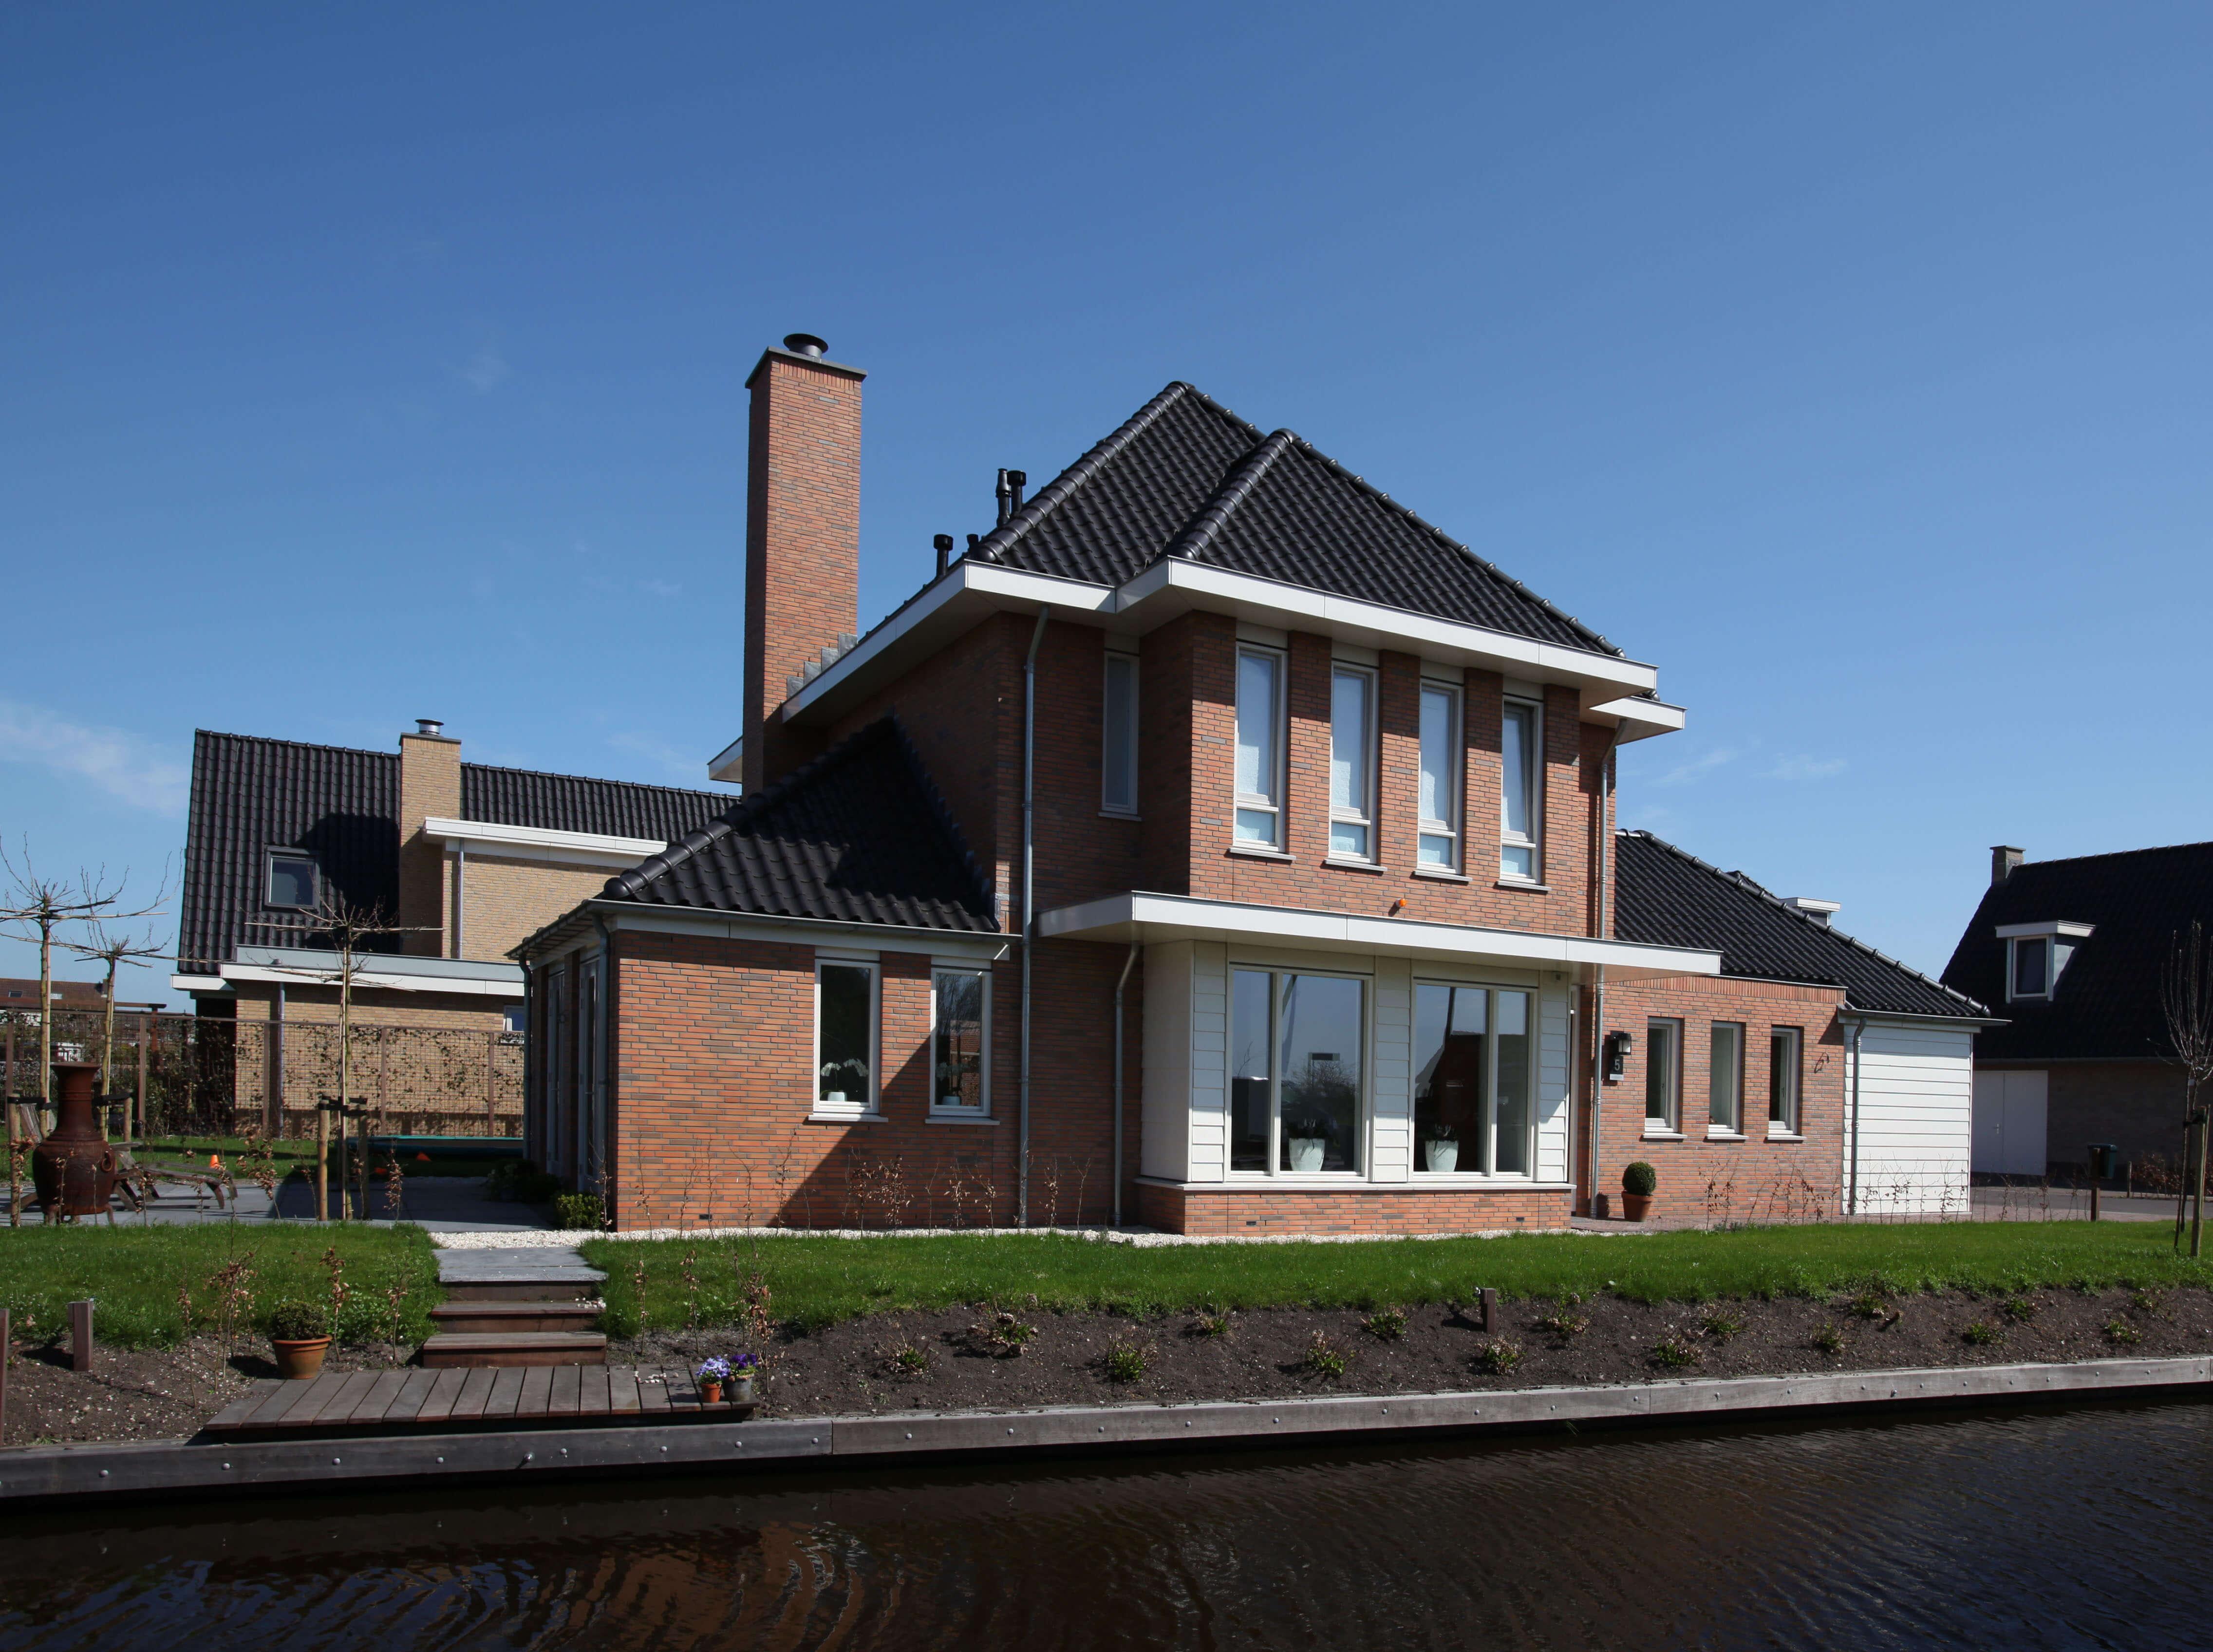 Keuze maken tussen een woning kopen of huren wiki wonen for Huiskopen nl